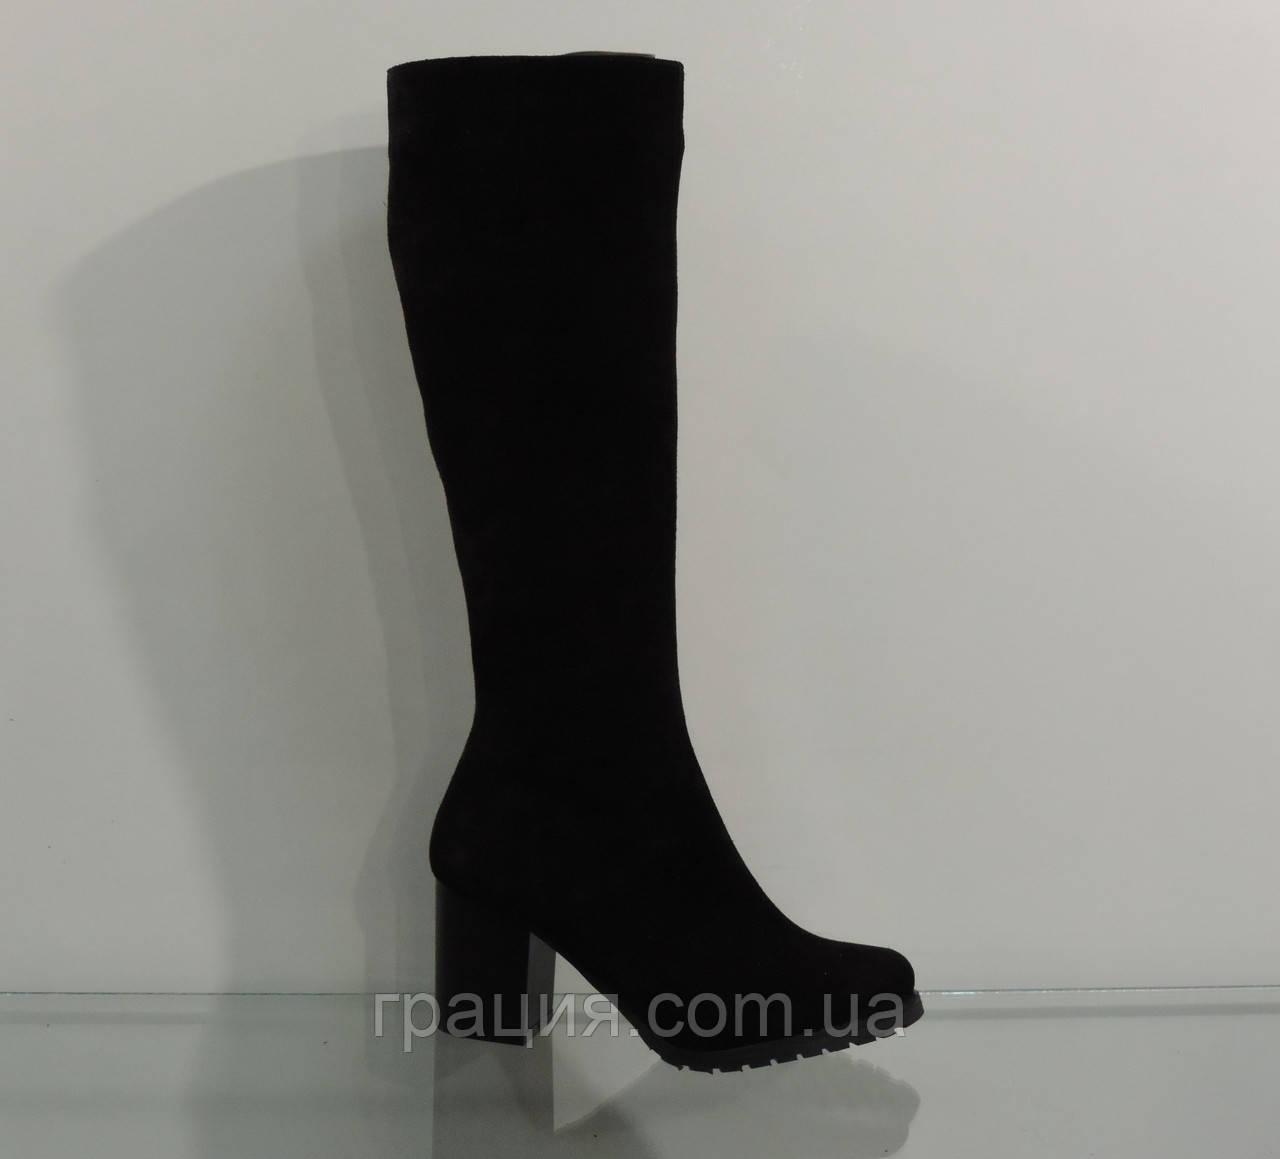 Модные зимние замшевые сапоги на невысоком каблуке